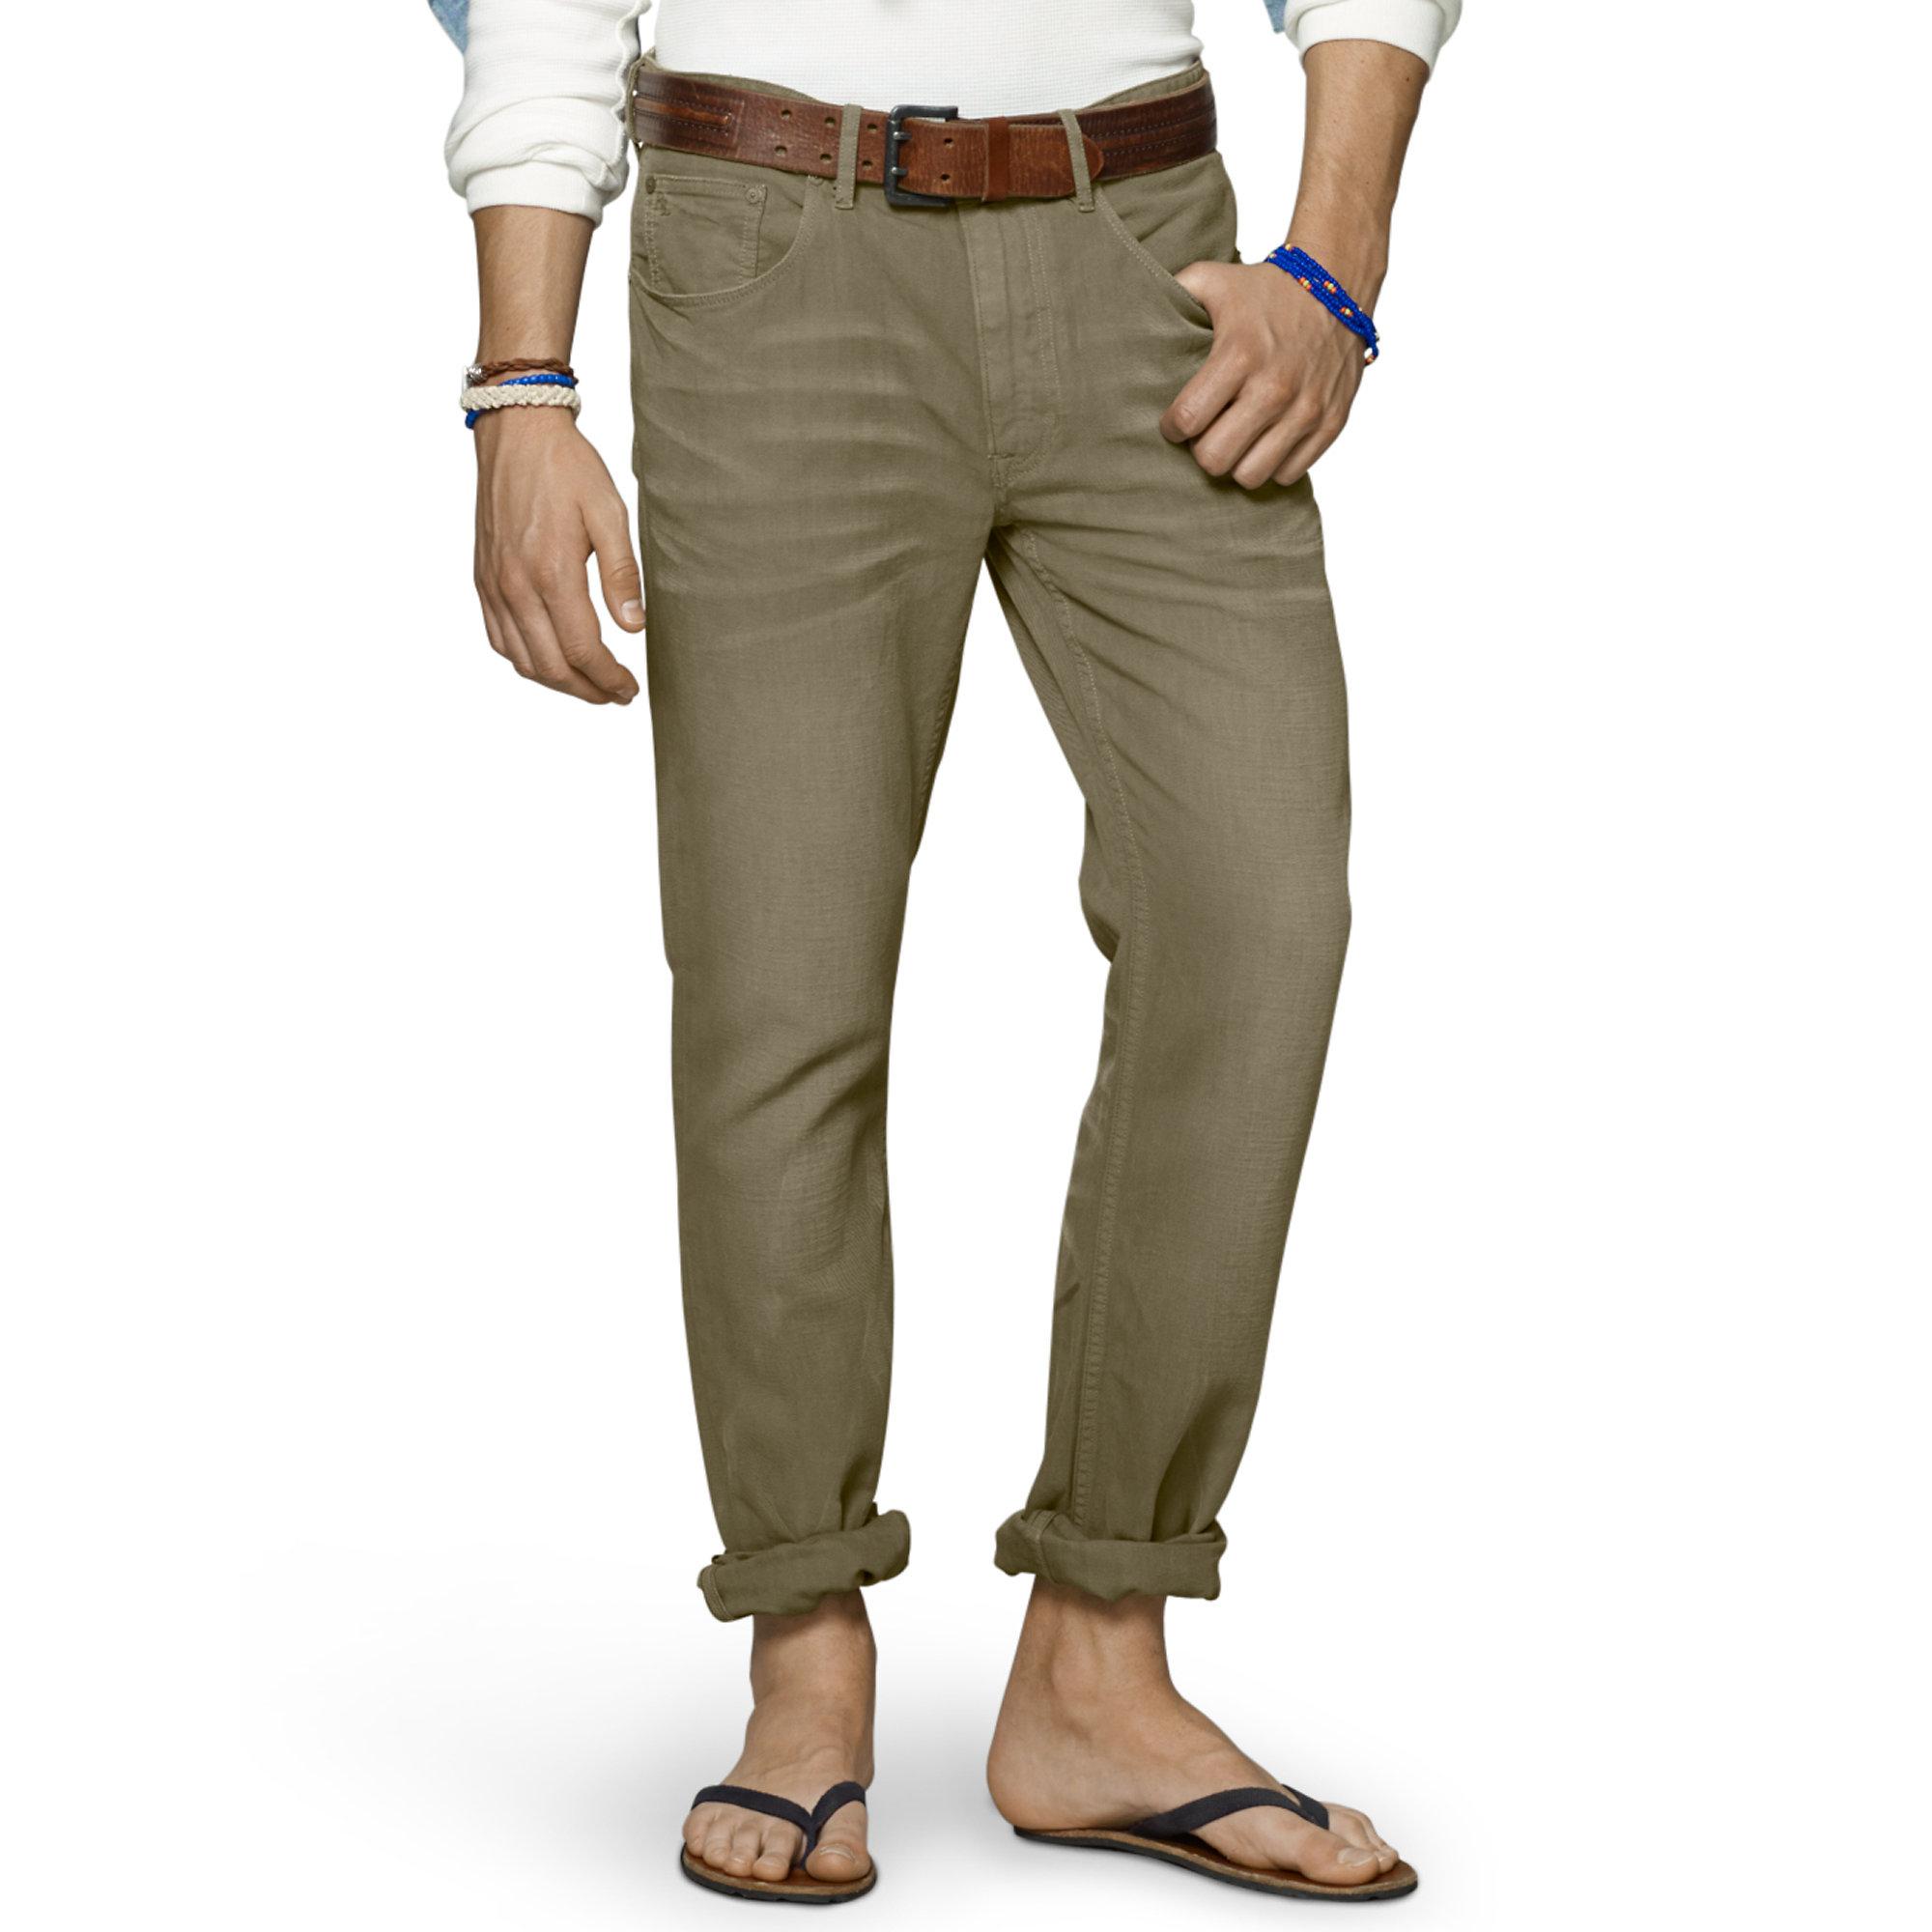 ralph lauren slim fit 5 pocket pant in green for men summer sage. Black Bedroom Furniture Sets. Home Design Ideas